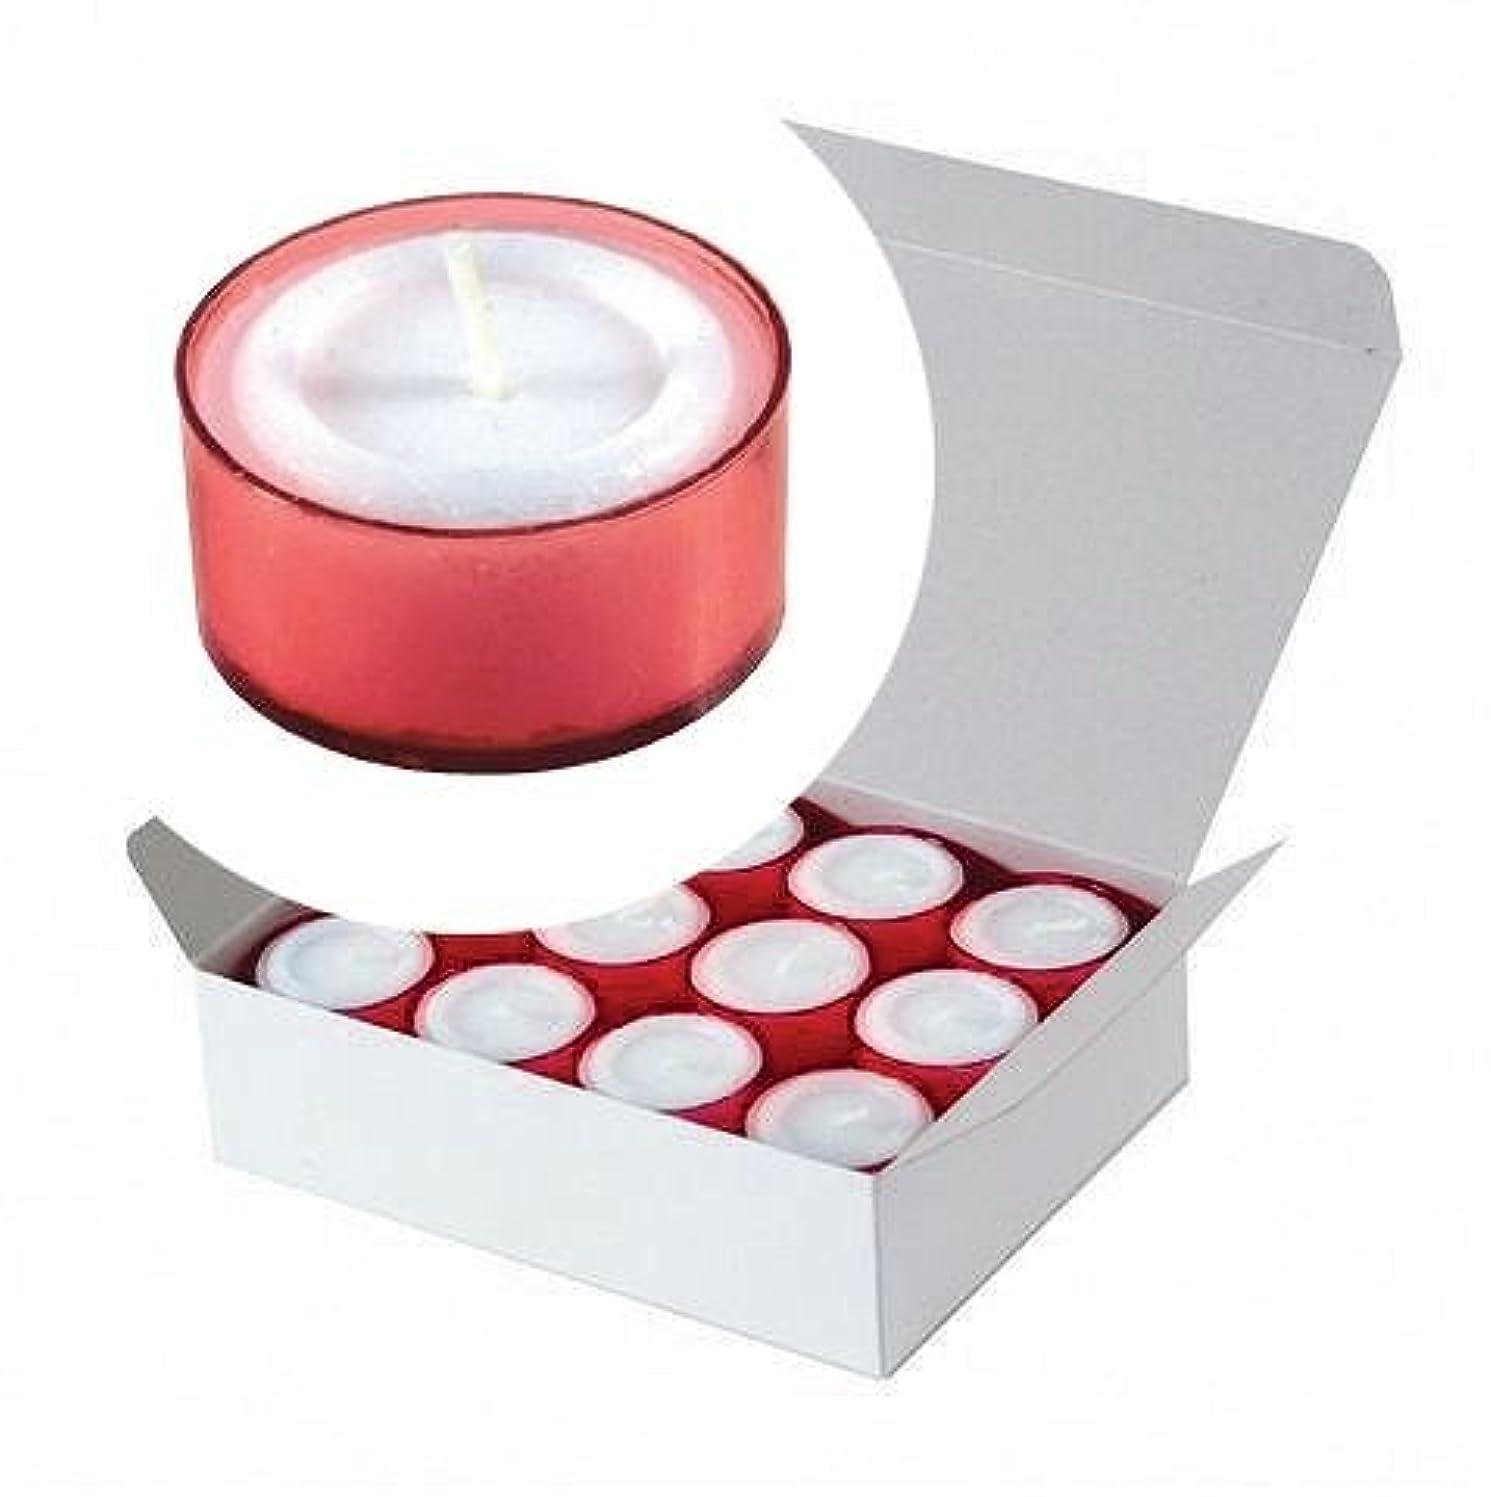 ホラー性交オークカメヤマキャンドル(kameyama candle) カラークリアカップティーライト24個入り 「 レッド 」